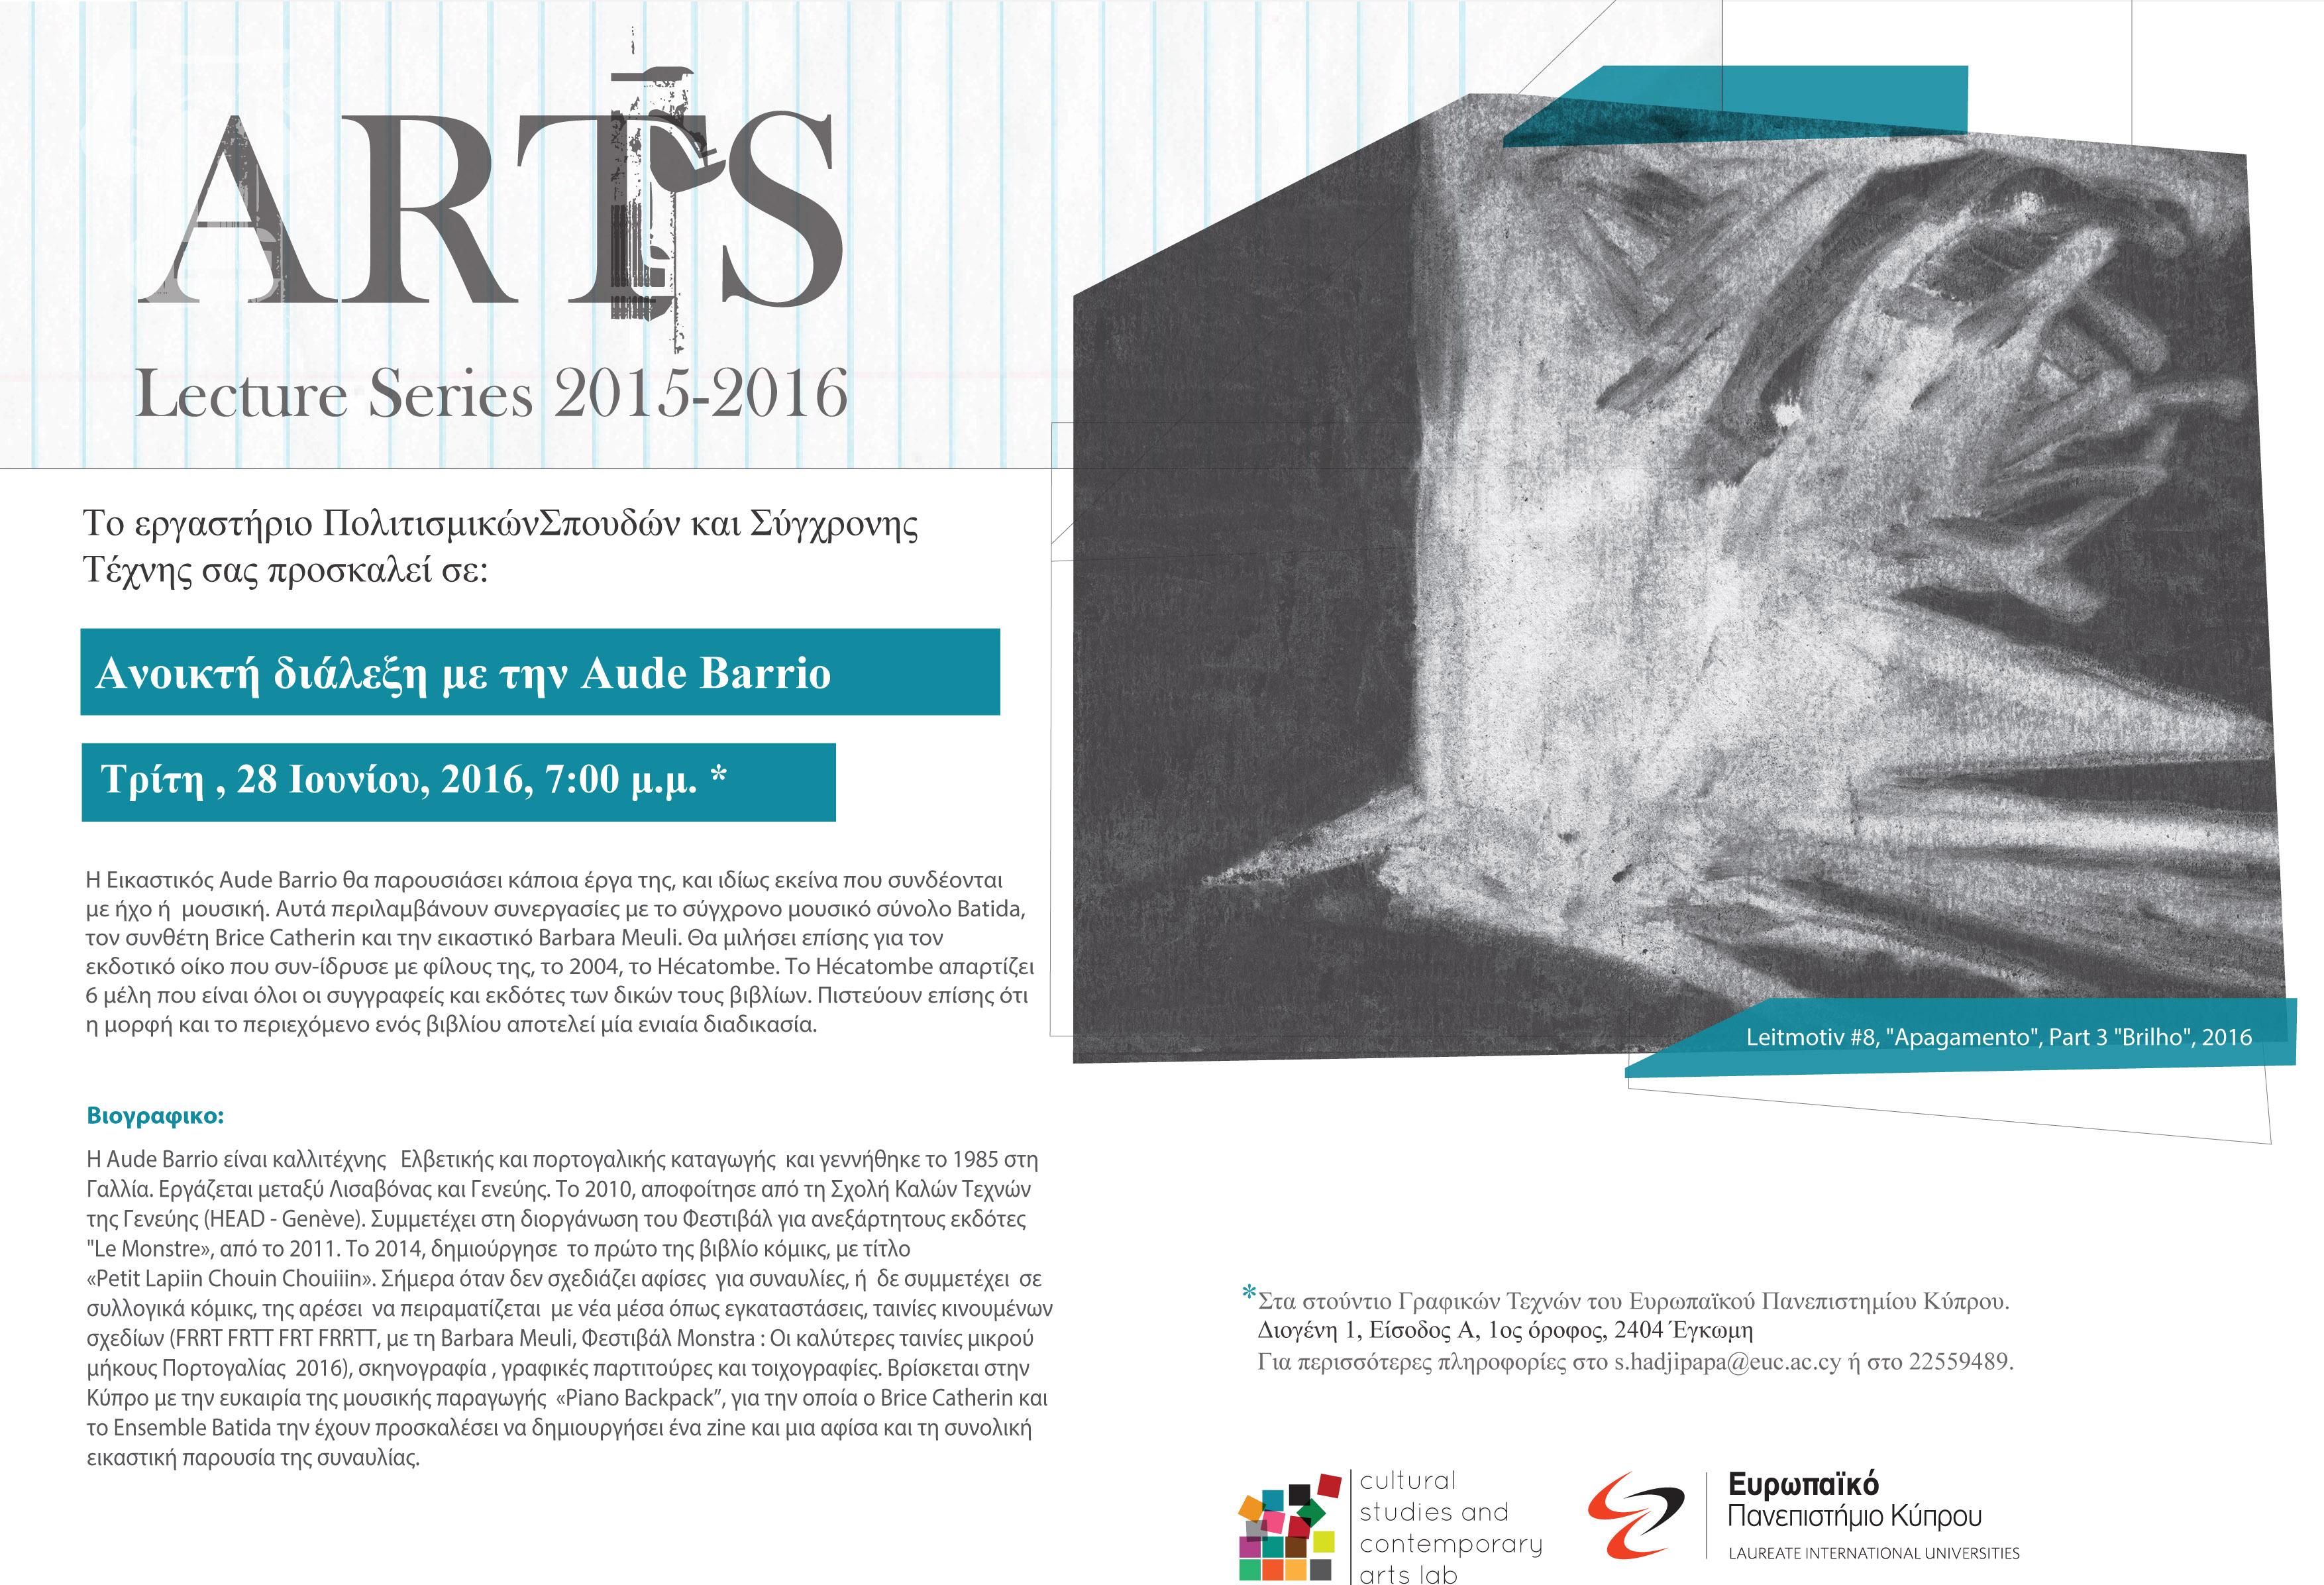 Ανοικτή διάλεξη με την Aude Barrio |Τρίτη, 28 Ιουνίου, 2016 | 7:00 μ.μ.|European University Cyprus